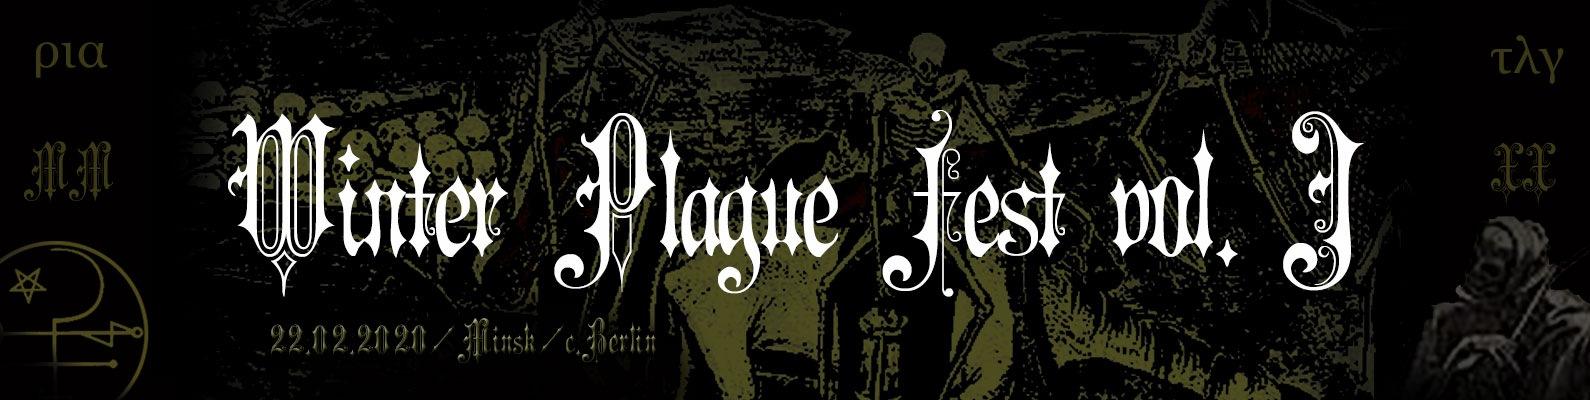 zm_atix_helicopter_mini_redux | Plague Fest